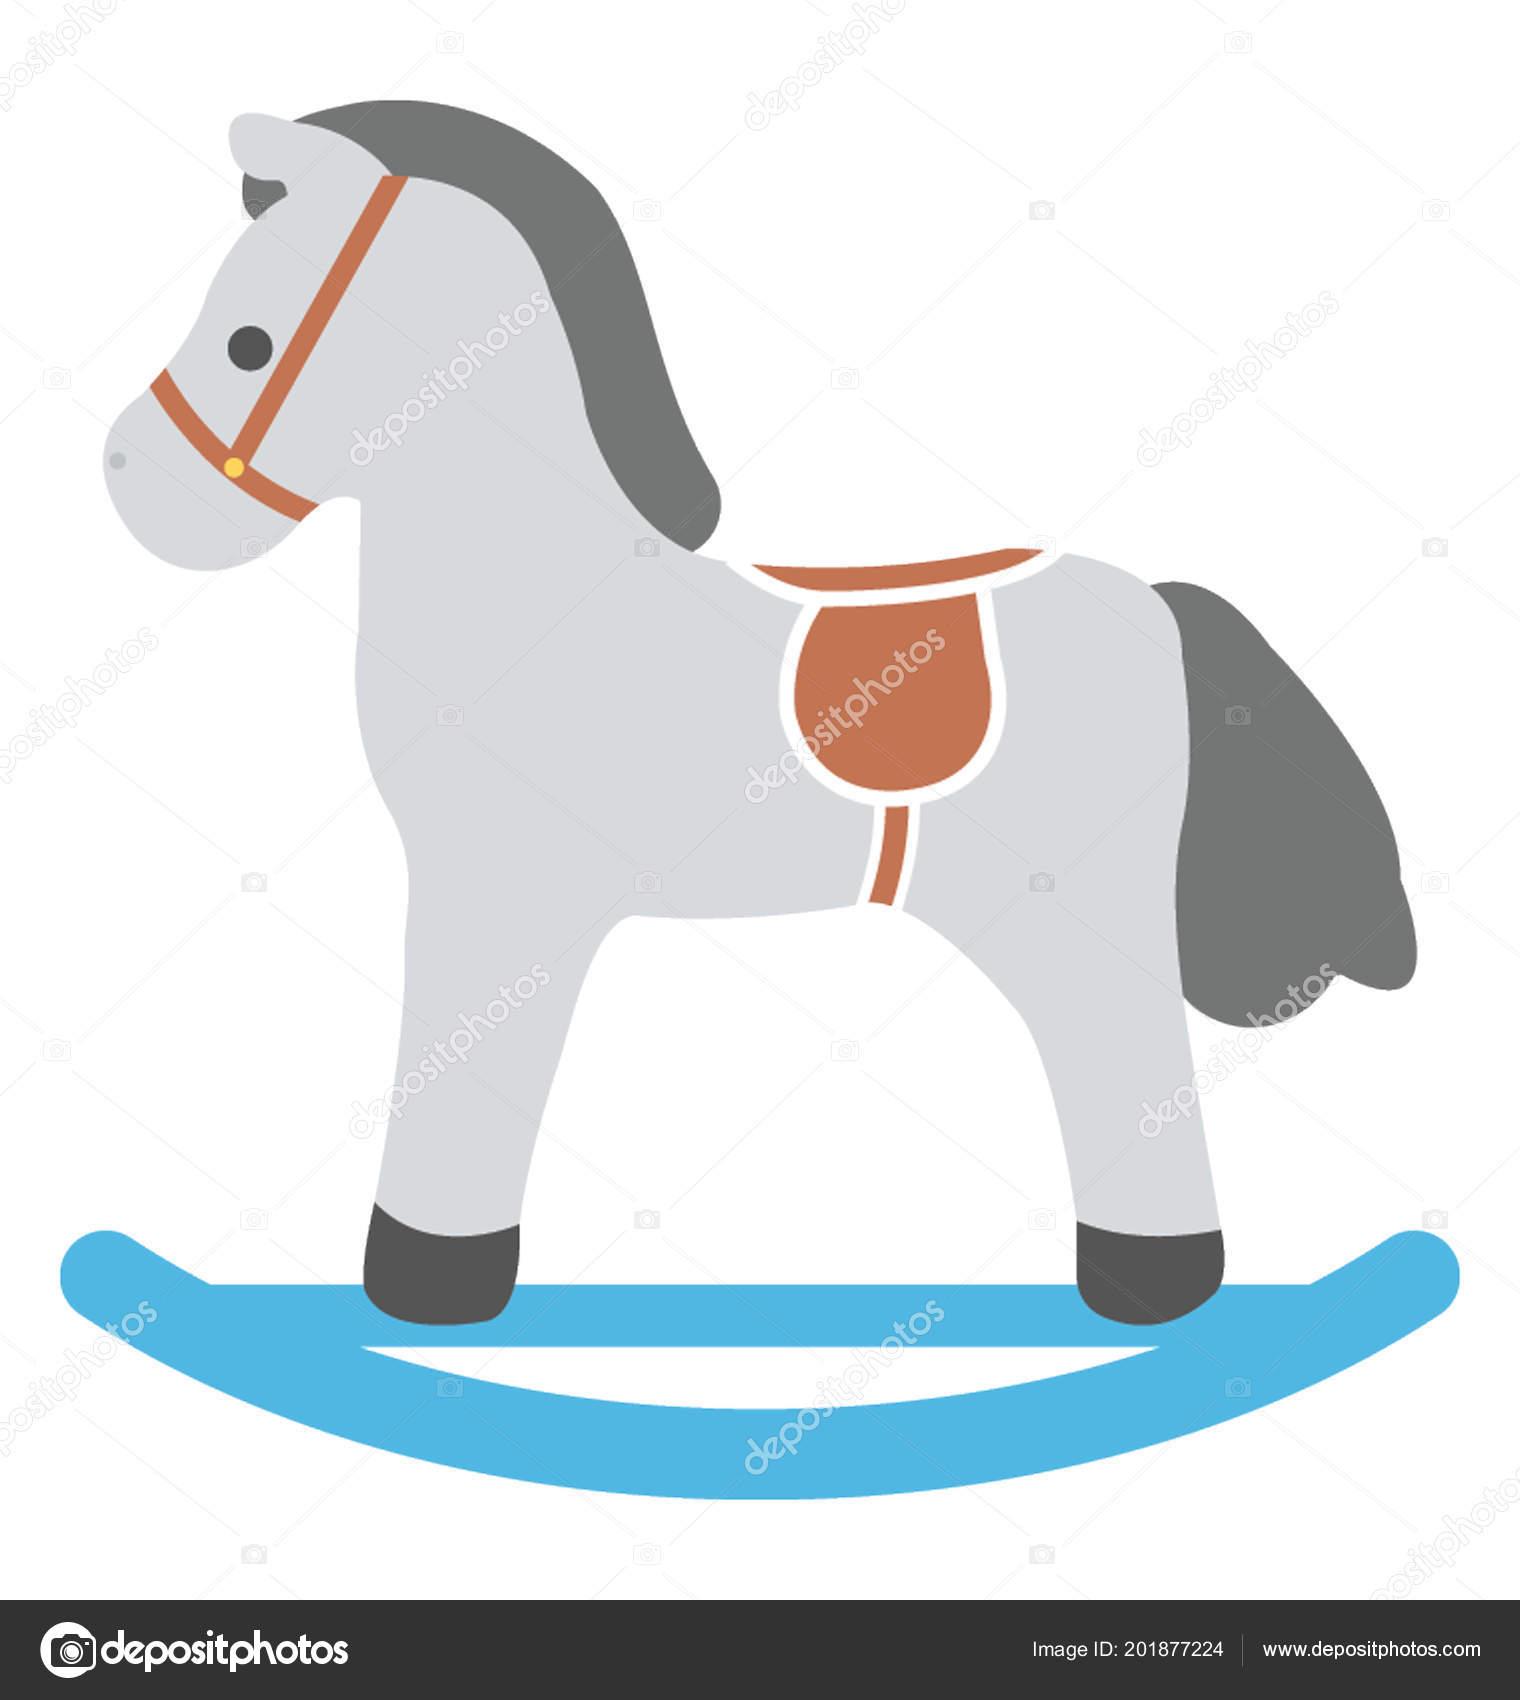 Cavallo A Dondolo Design.Design Icona Piana Cavallo Dondolo Vettoriali Stock